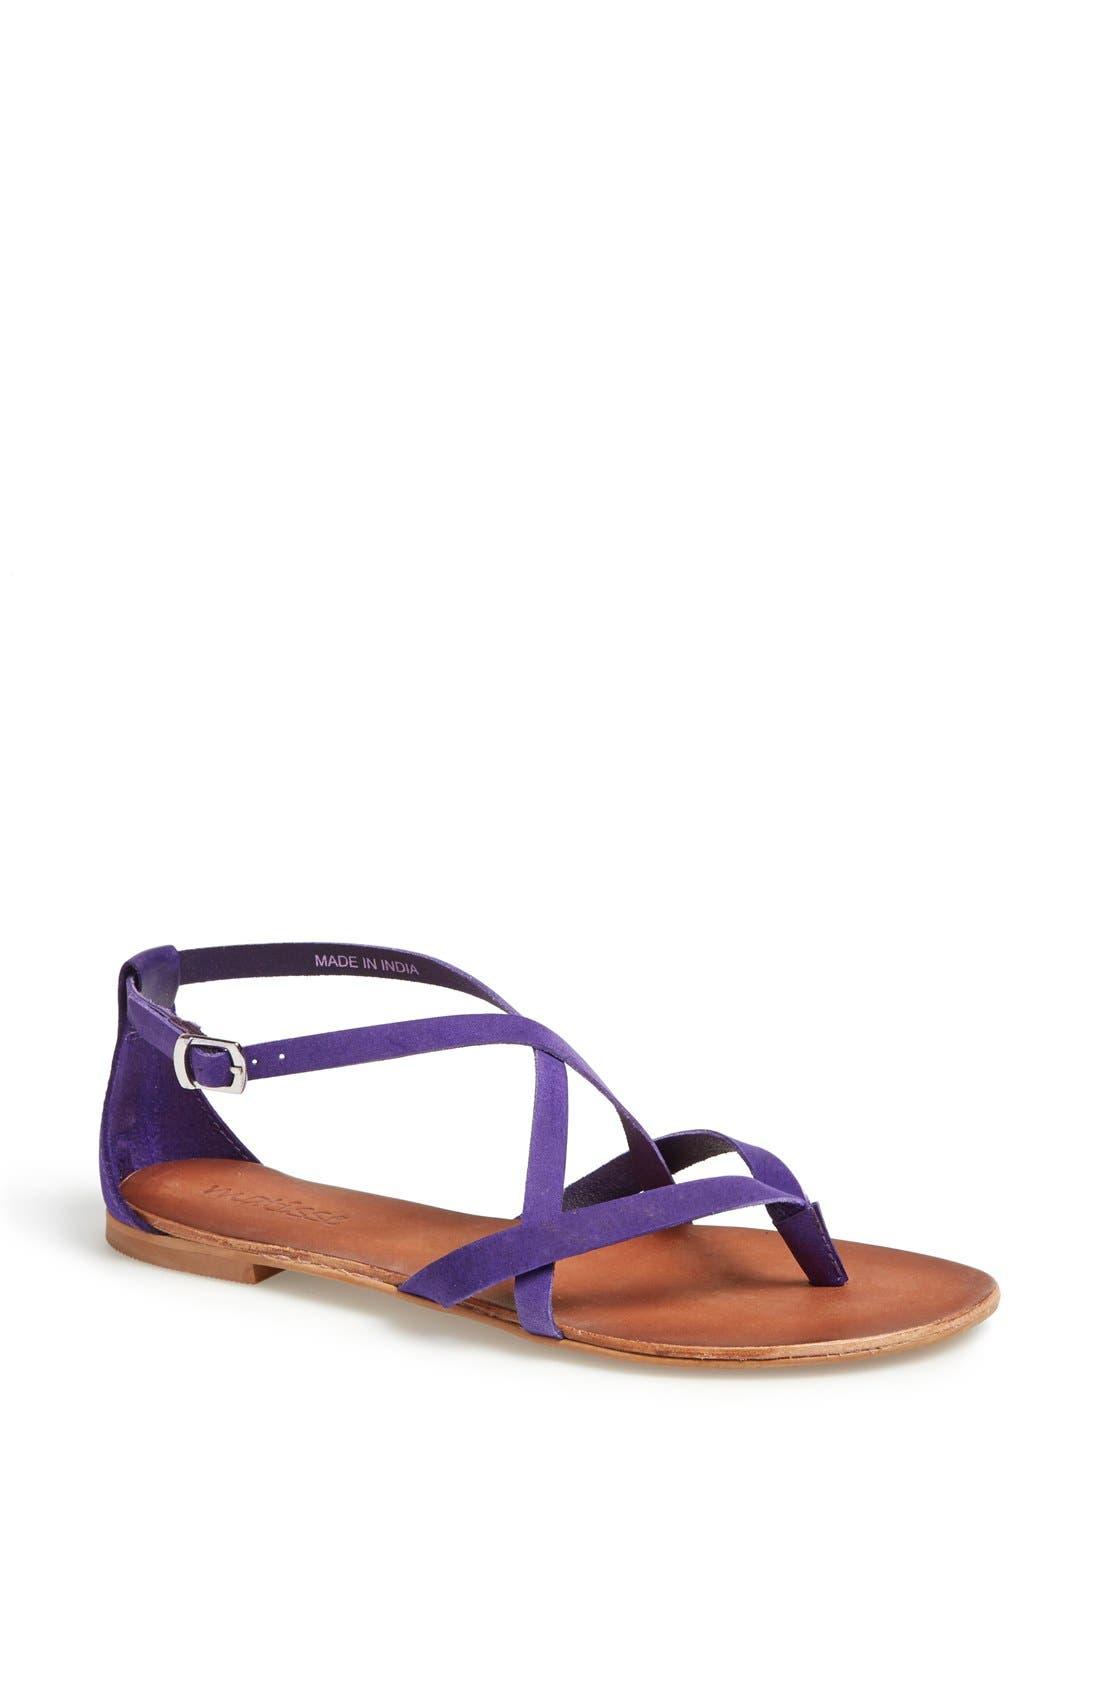 Main Image - Matisse 'Ella' Sandal